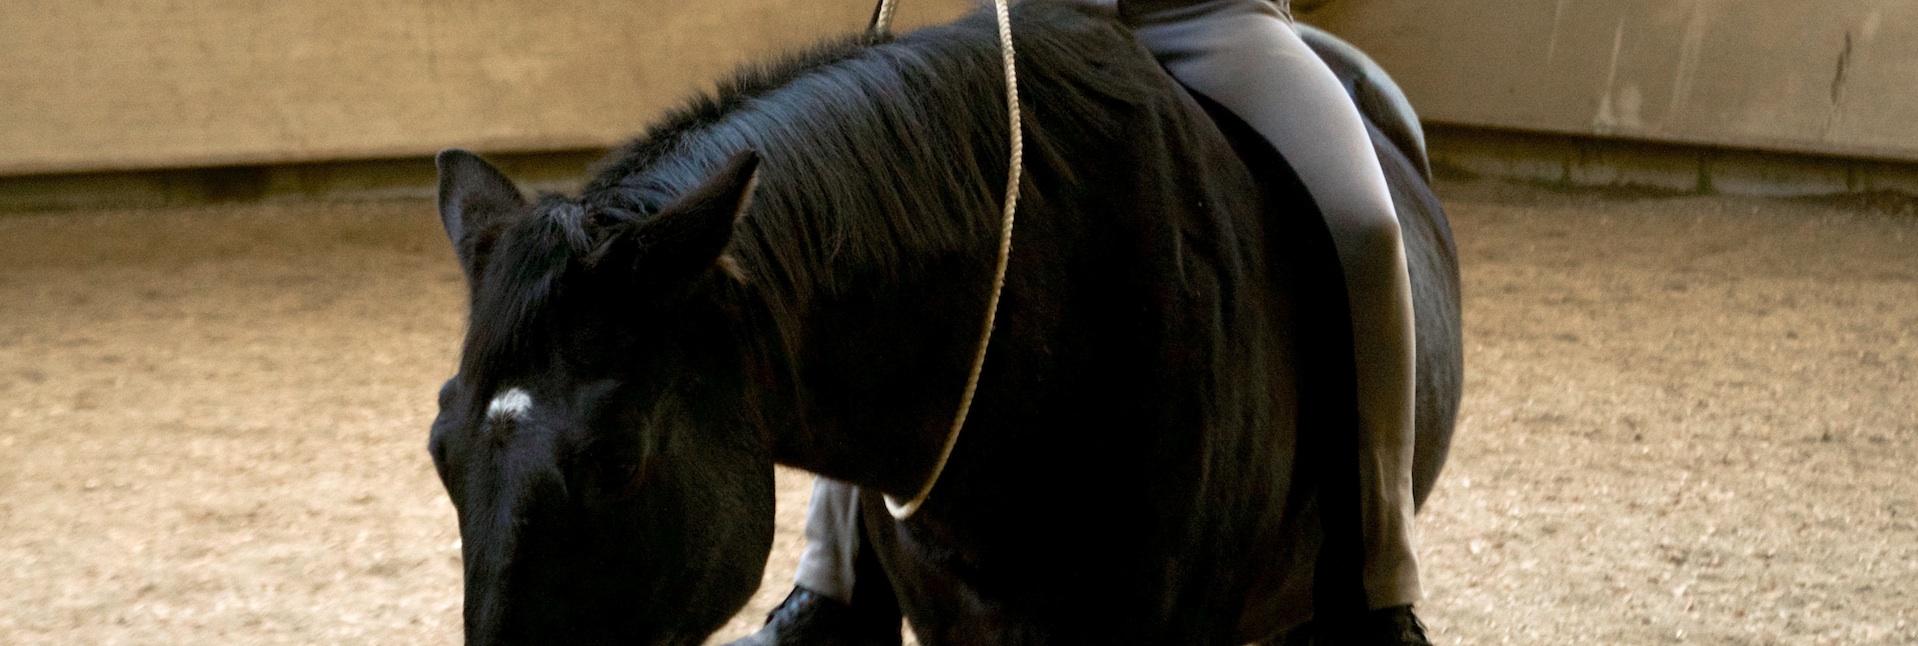 Dem Pferd Sicherheit geben